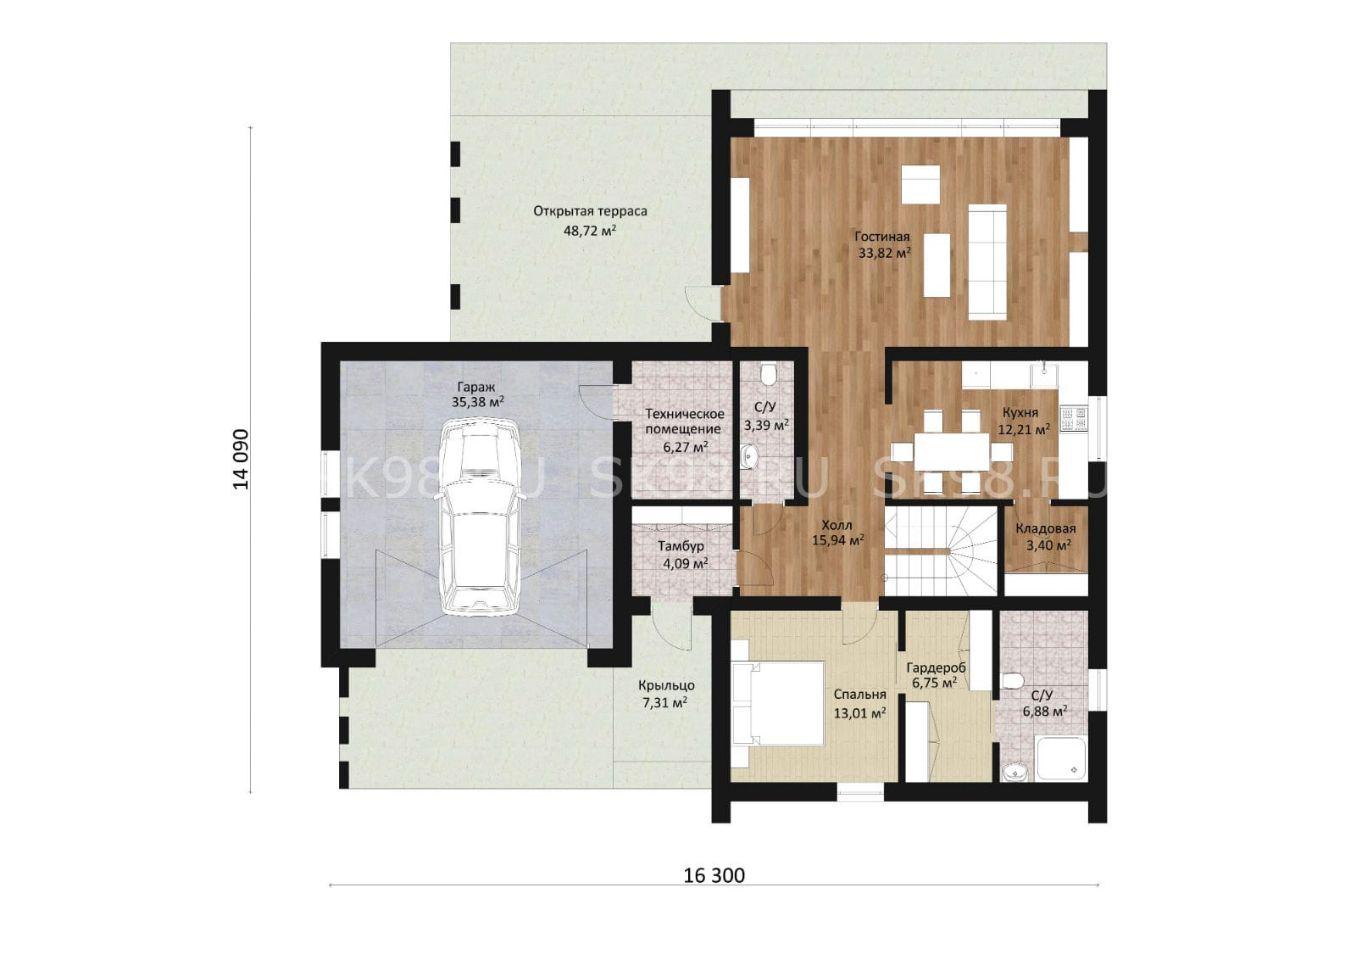 планировка двухэтажного дома с большим остеклением В СТИЛЕ БАРНХАУС TWO 247